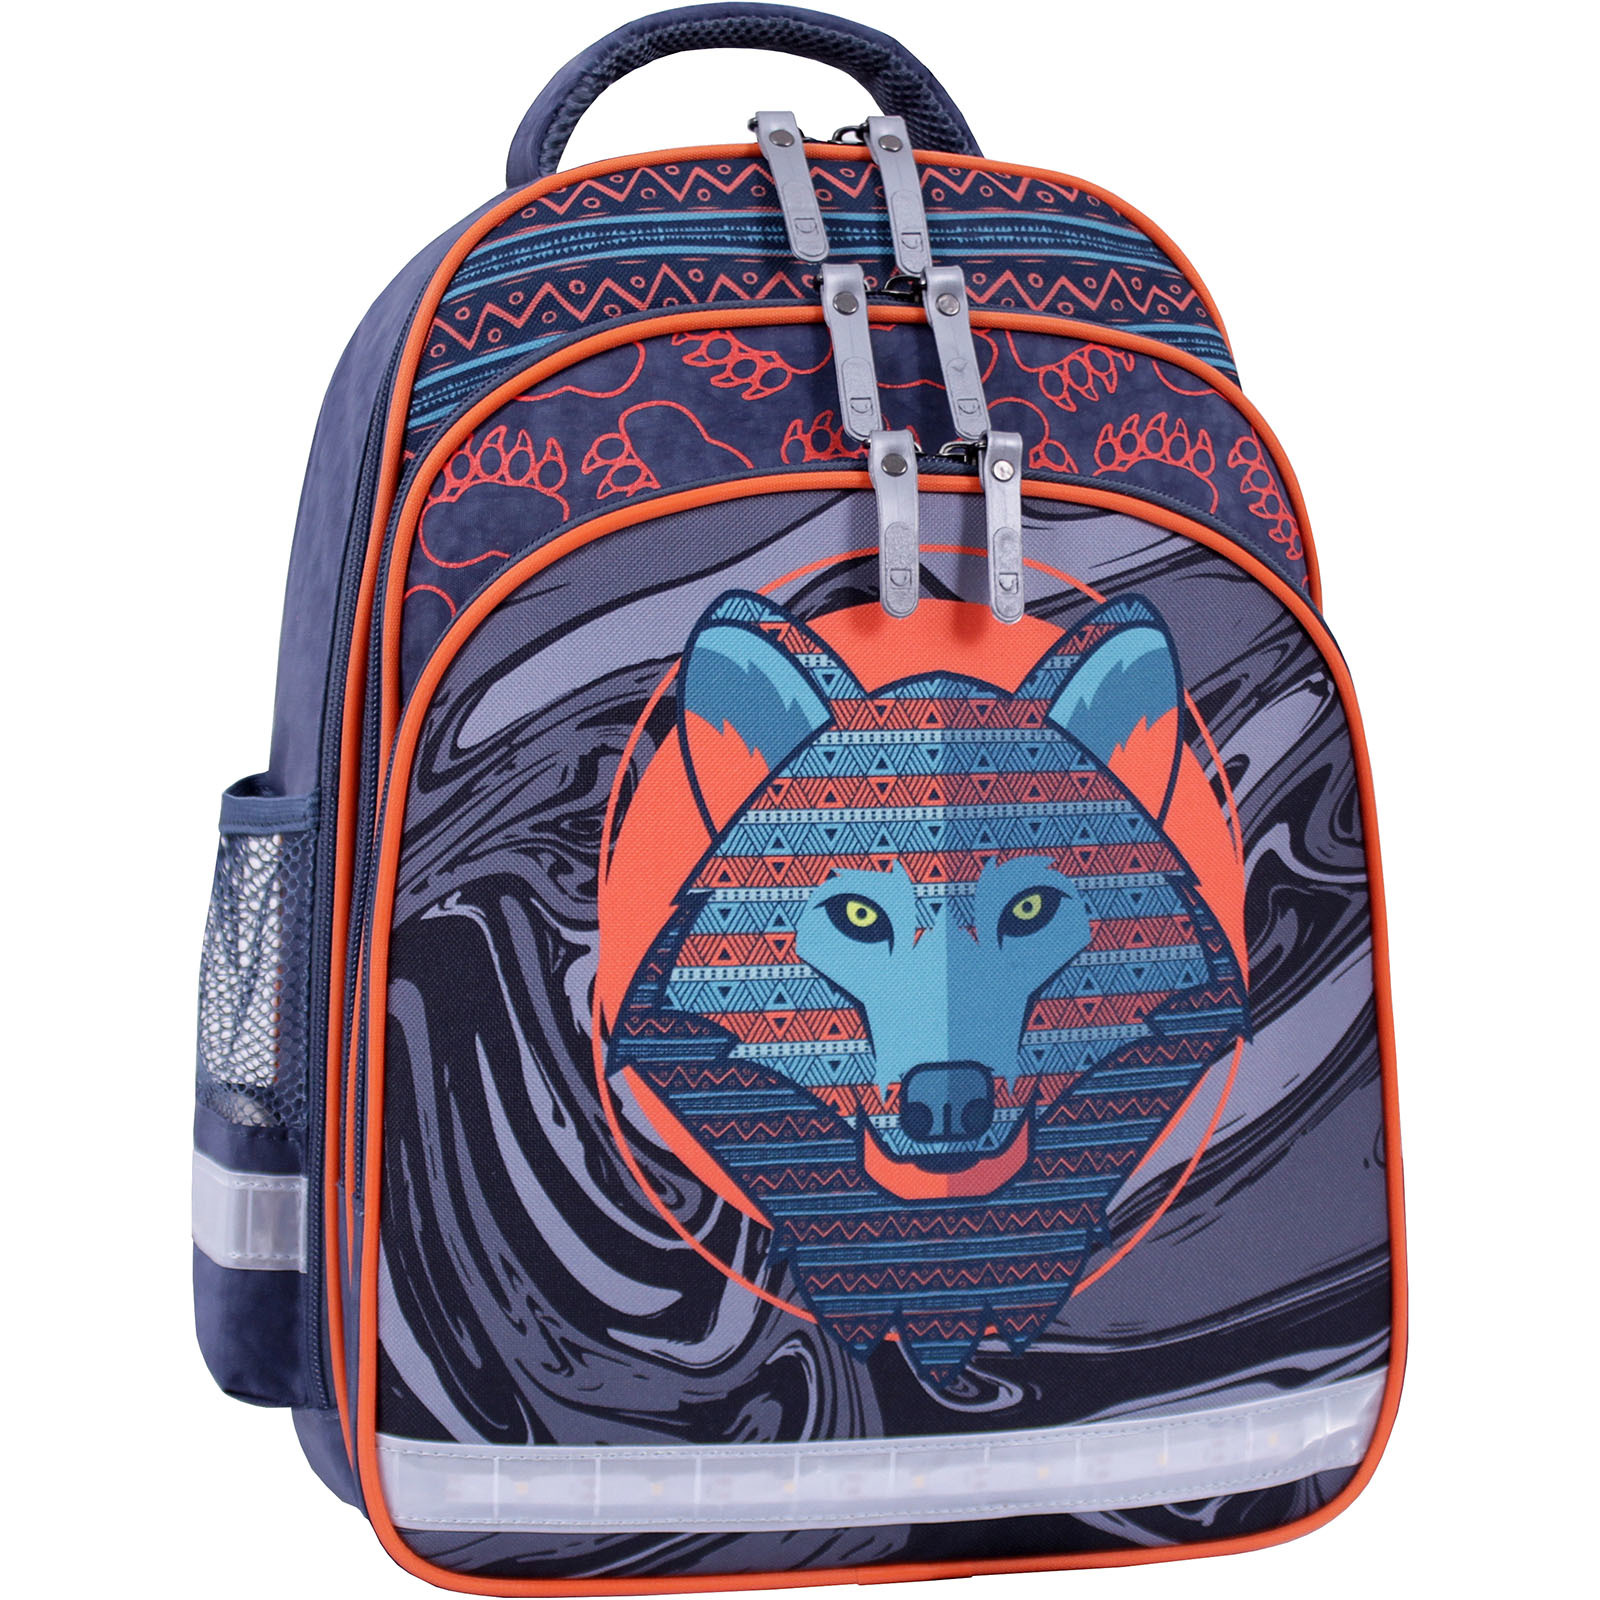 Рюкзак школьный Bagland Mouse 321 серый 509 (0051370) фото 1